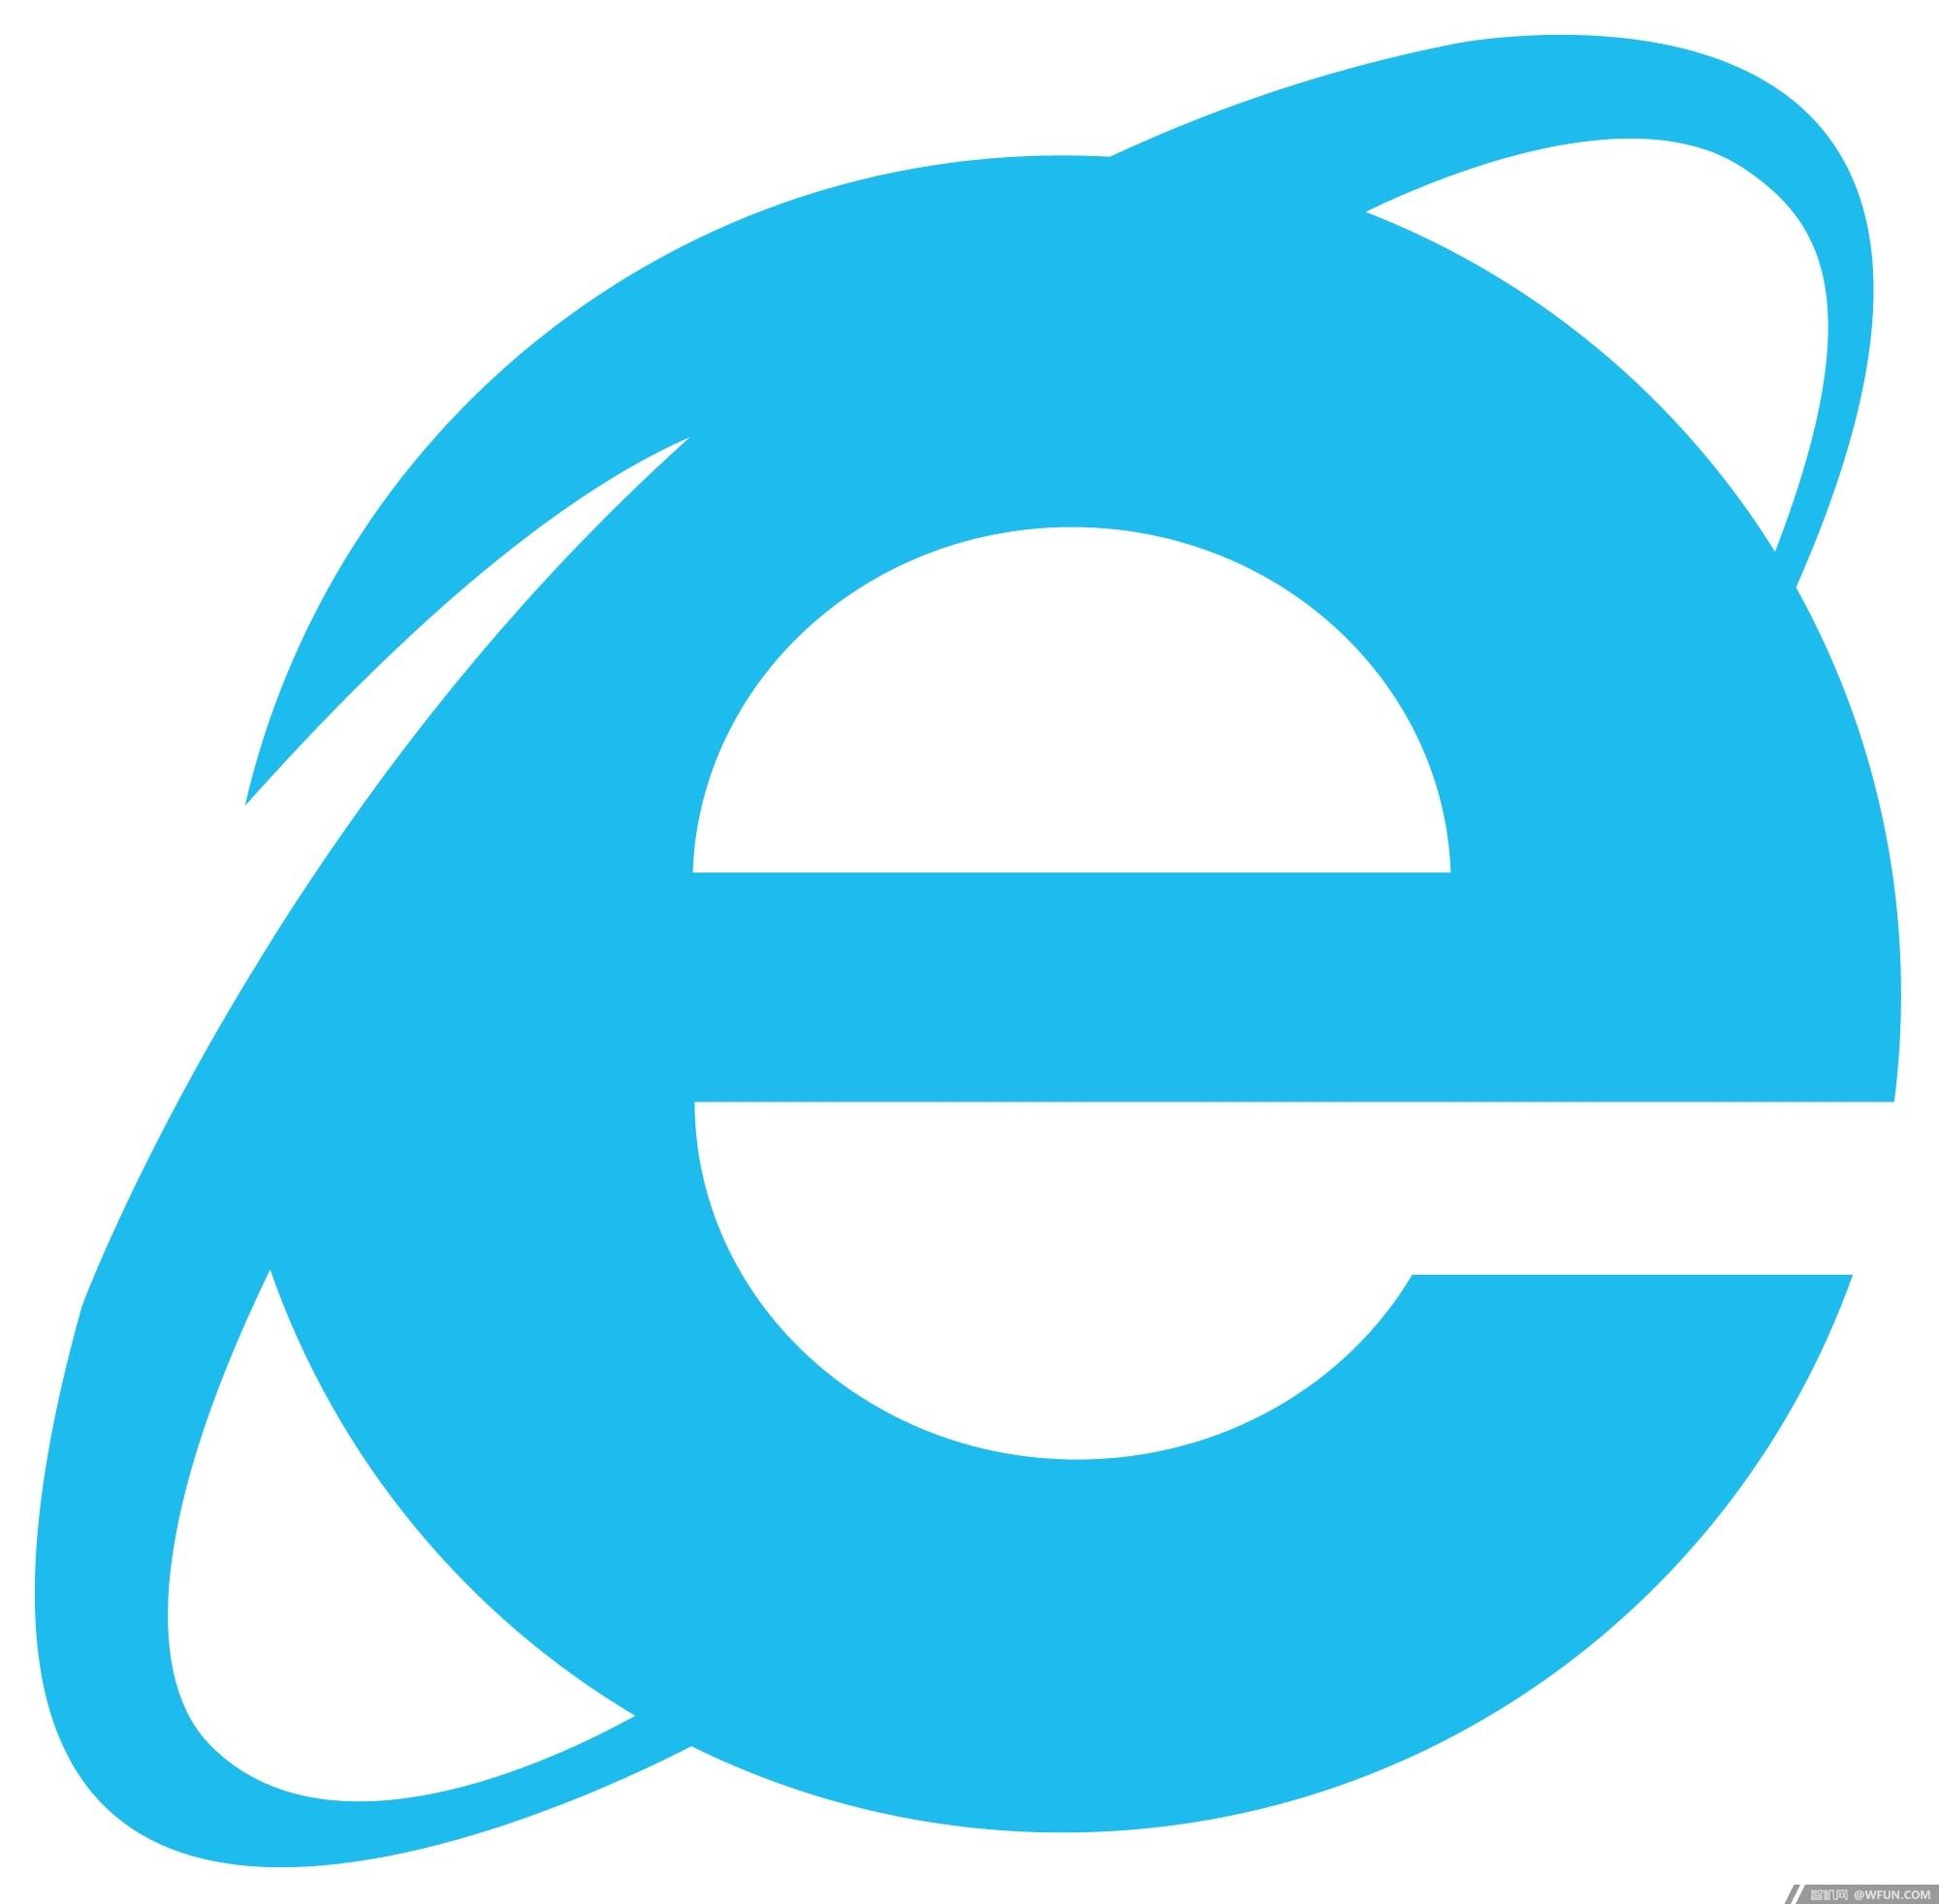 浏览器_如何将浏览器左上角的图标换成头像